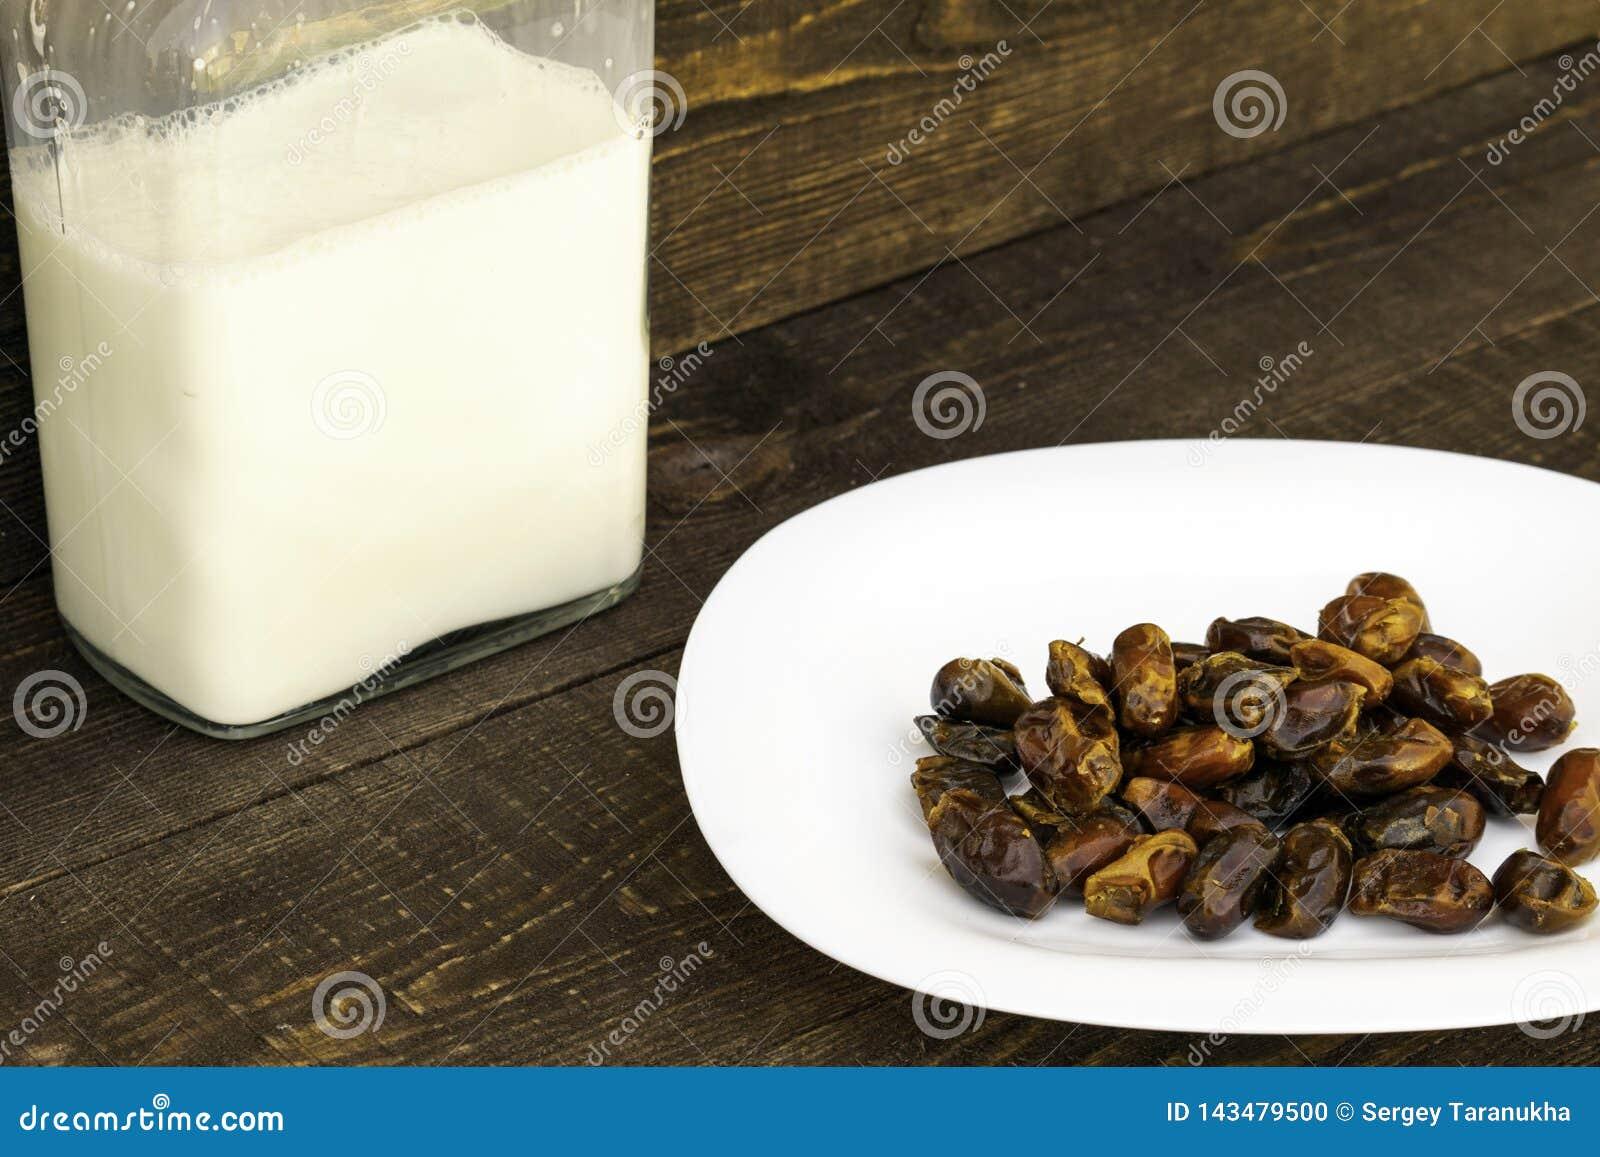 Hushaf - datumet mj?lkar, en traditionell matr?tt till Ramadan, matlagning, ingredienser, data i en platta och mj?lkar i flaskor